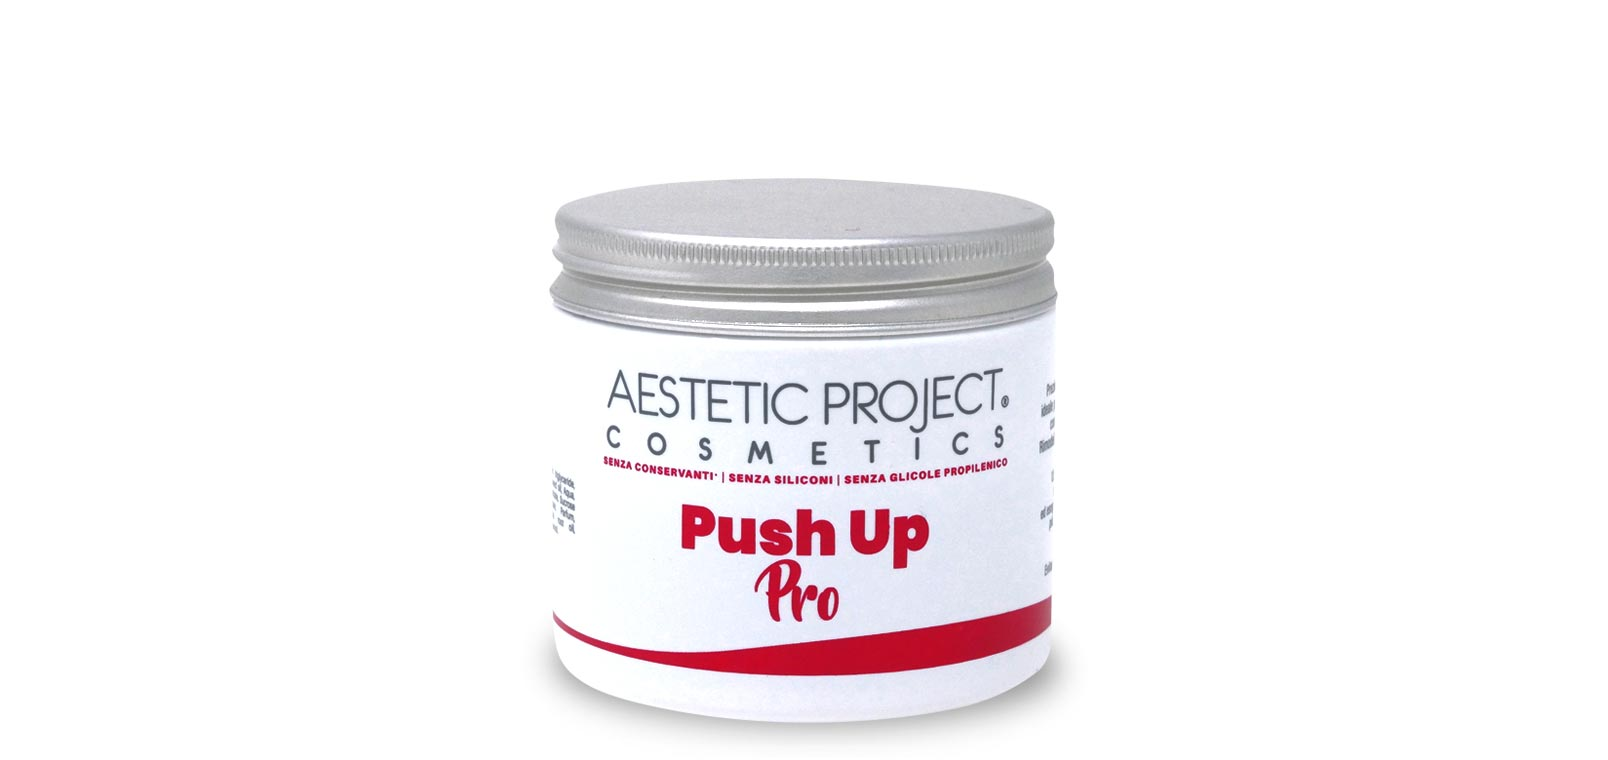 Push up pro: crema per massaggi |Trattamento estetico professionale rassodante dei glutei Lato B